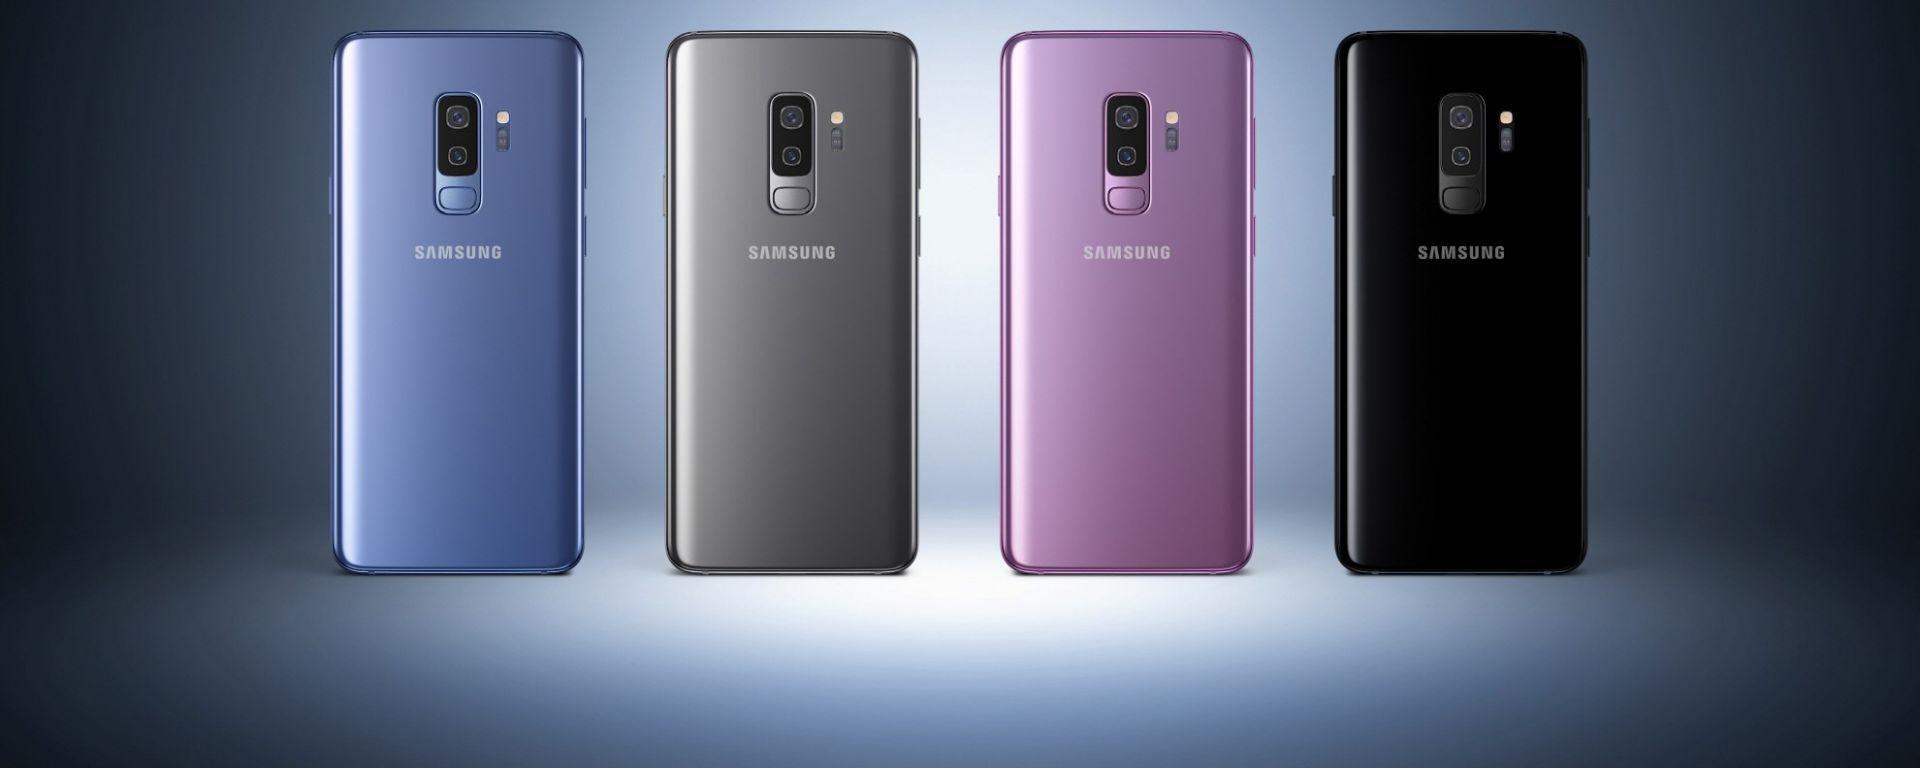 Samsung Galaxy S9+: i colori